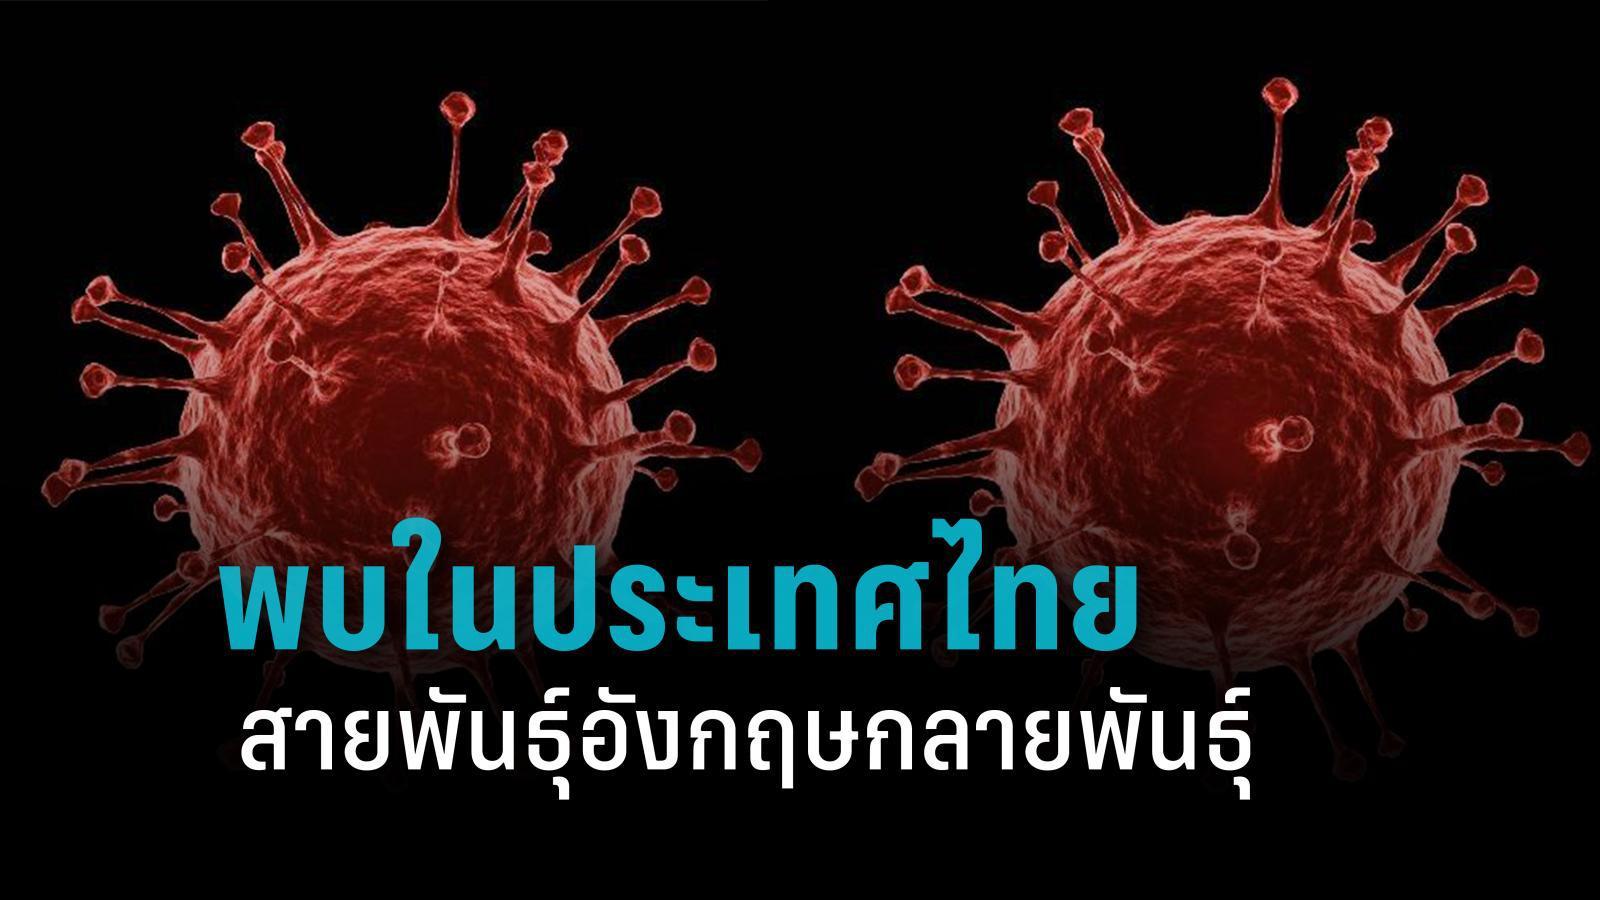 """""""หมอยง"""" เผย โควิด-19 สายพันธุ์อังกฤษกลายพันธุ์ พบในไทยแล้ว"""